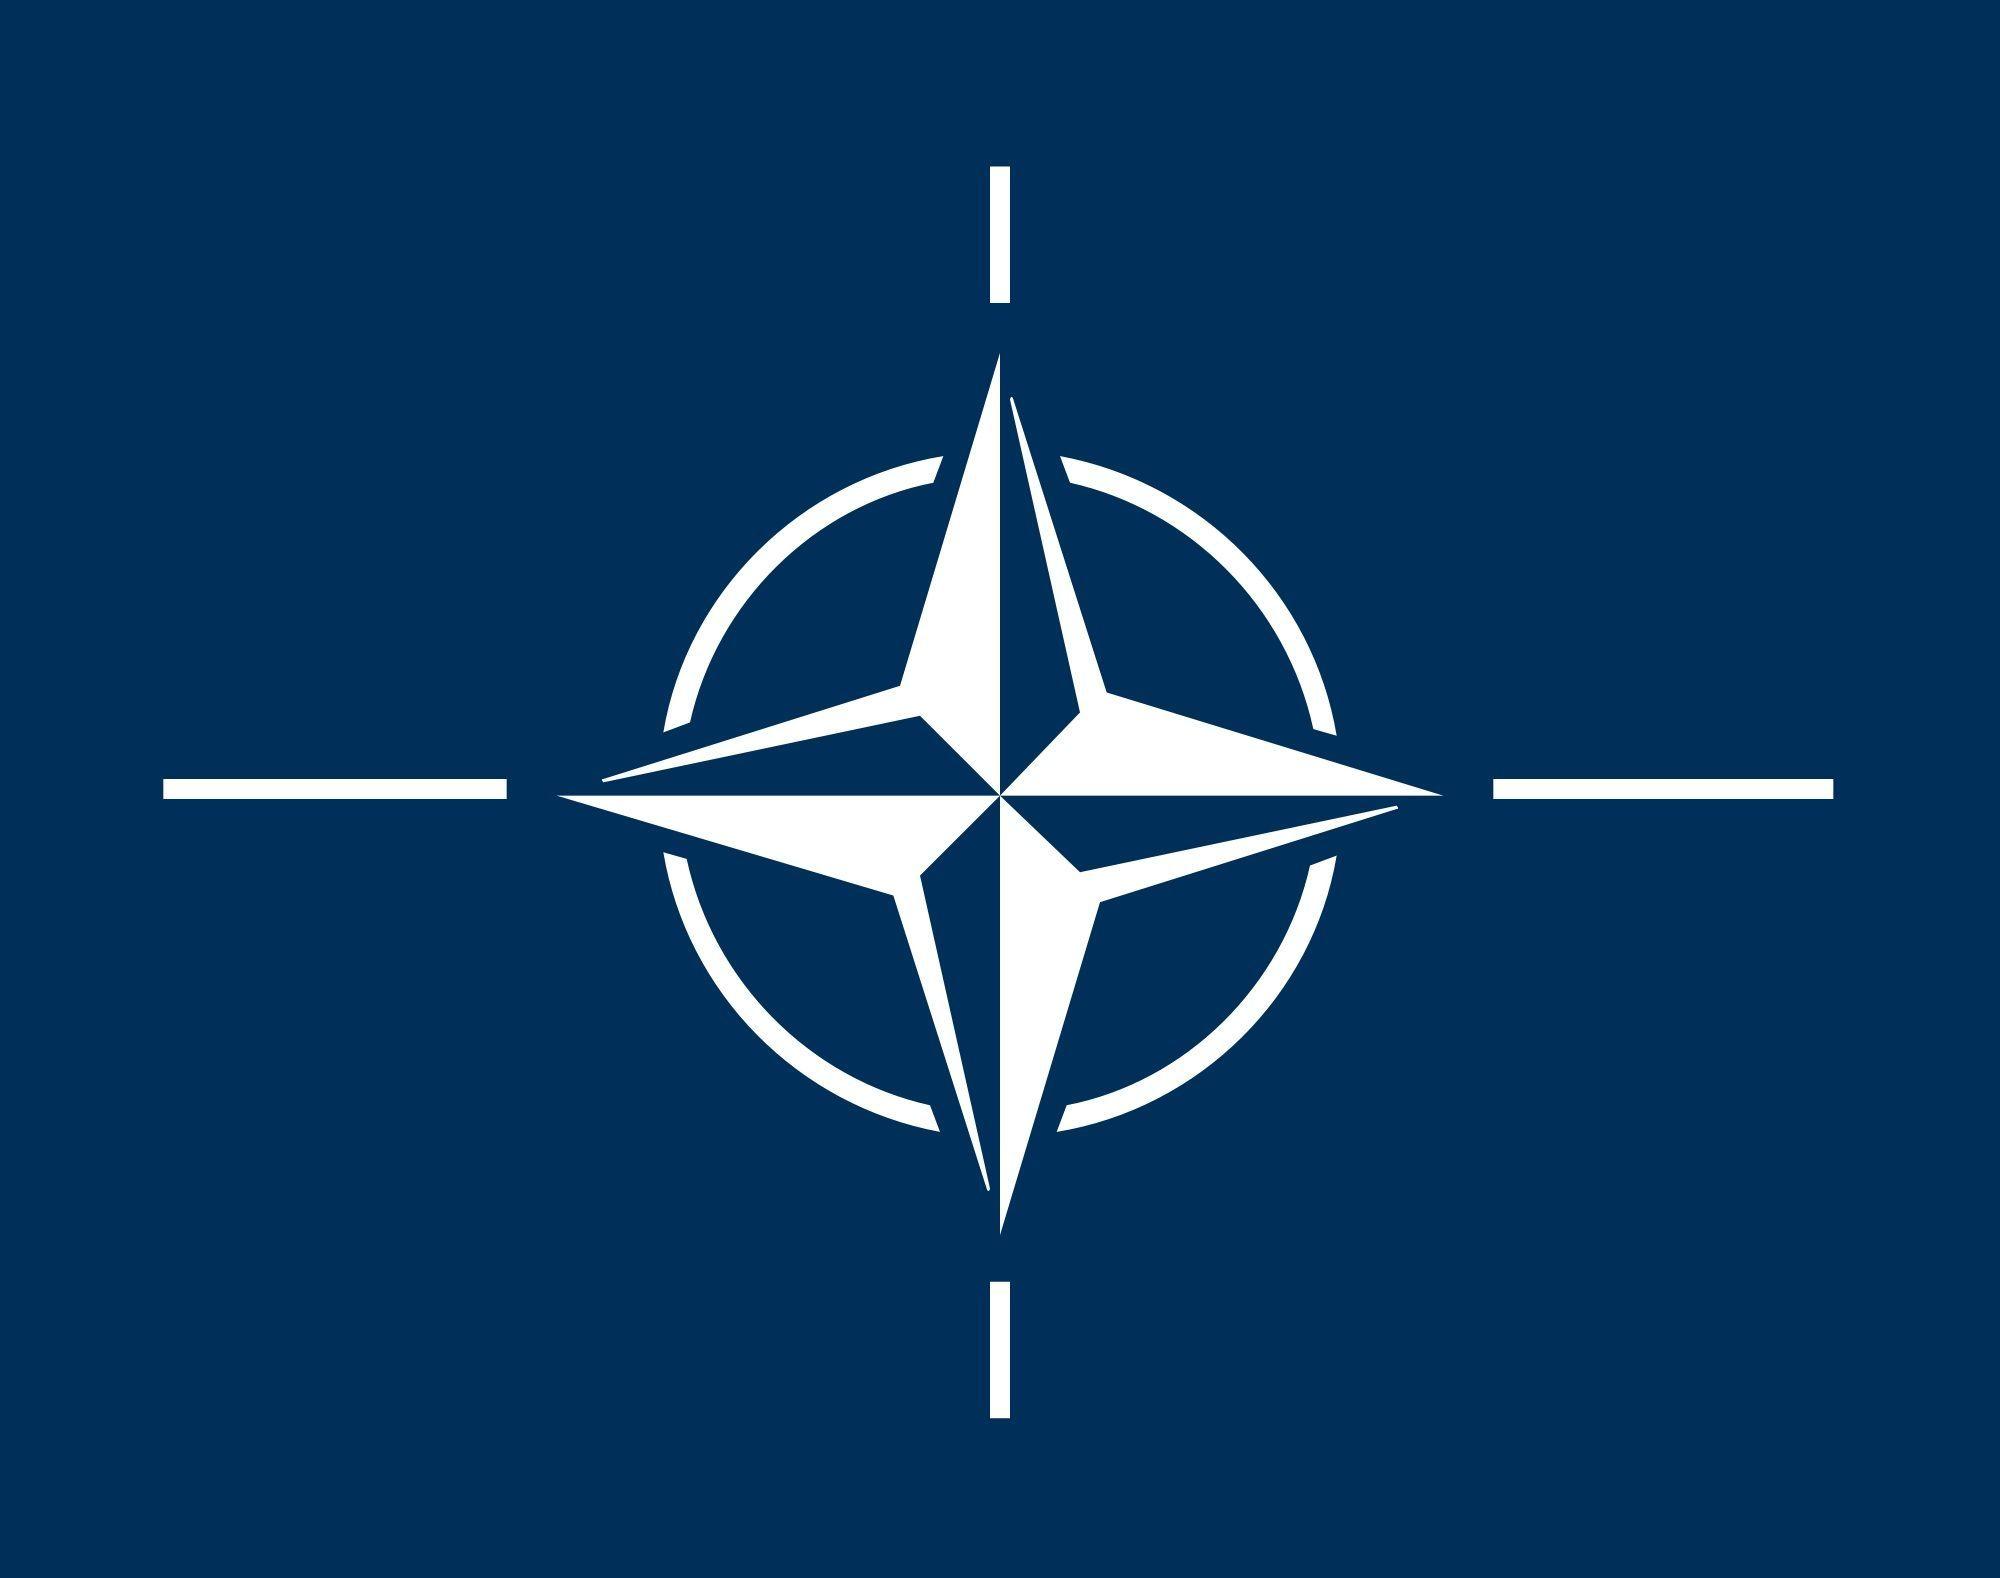 ¿En qué alianza militar internacional está España?